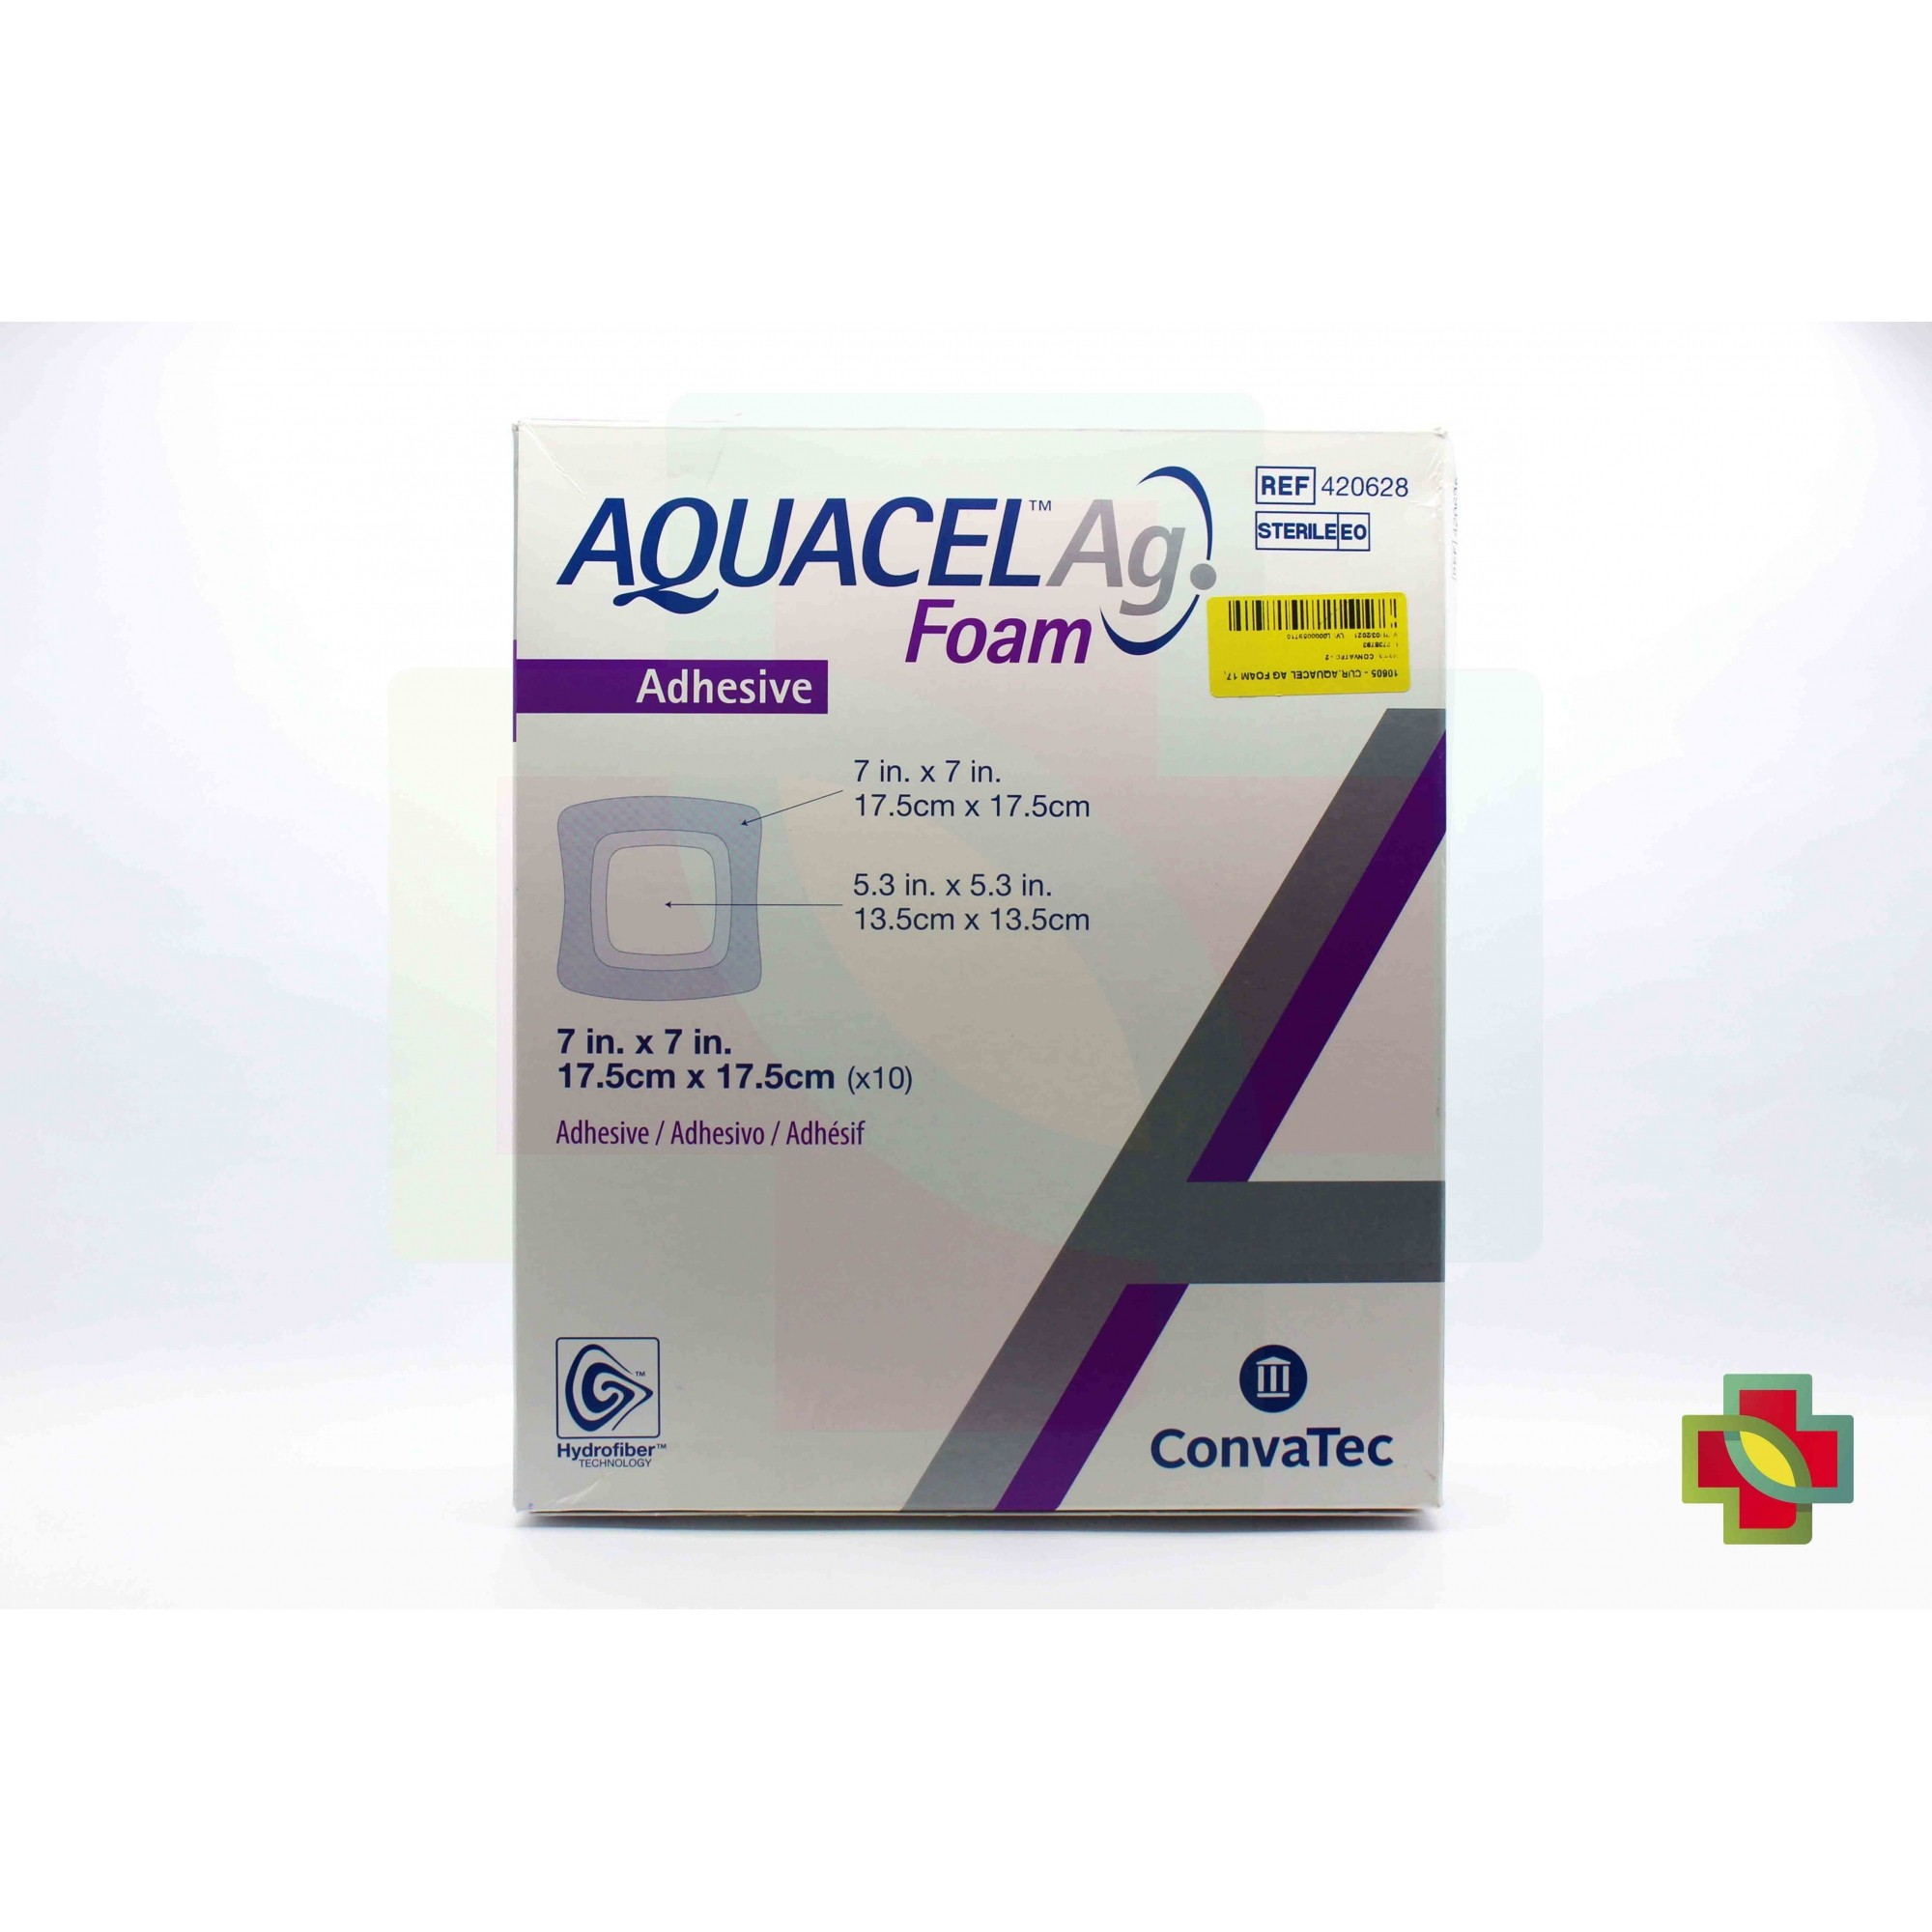 CURATIVO AQUACEL AG FOAM 17,5 X 17,5 CM UND 420628 CONVATEC